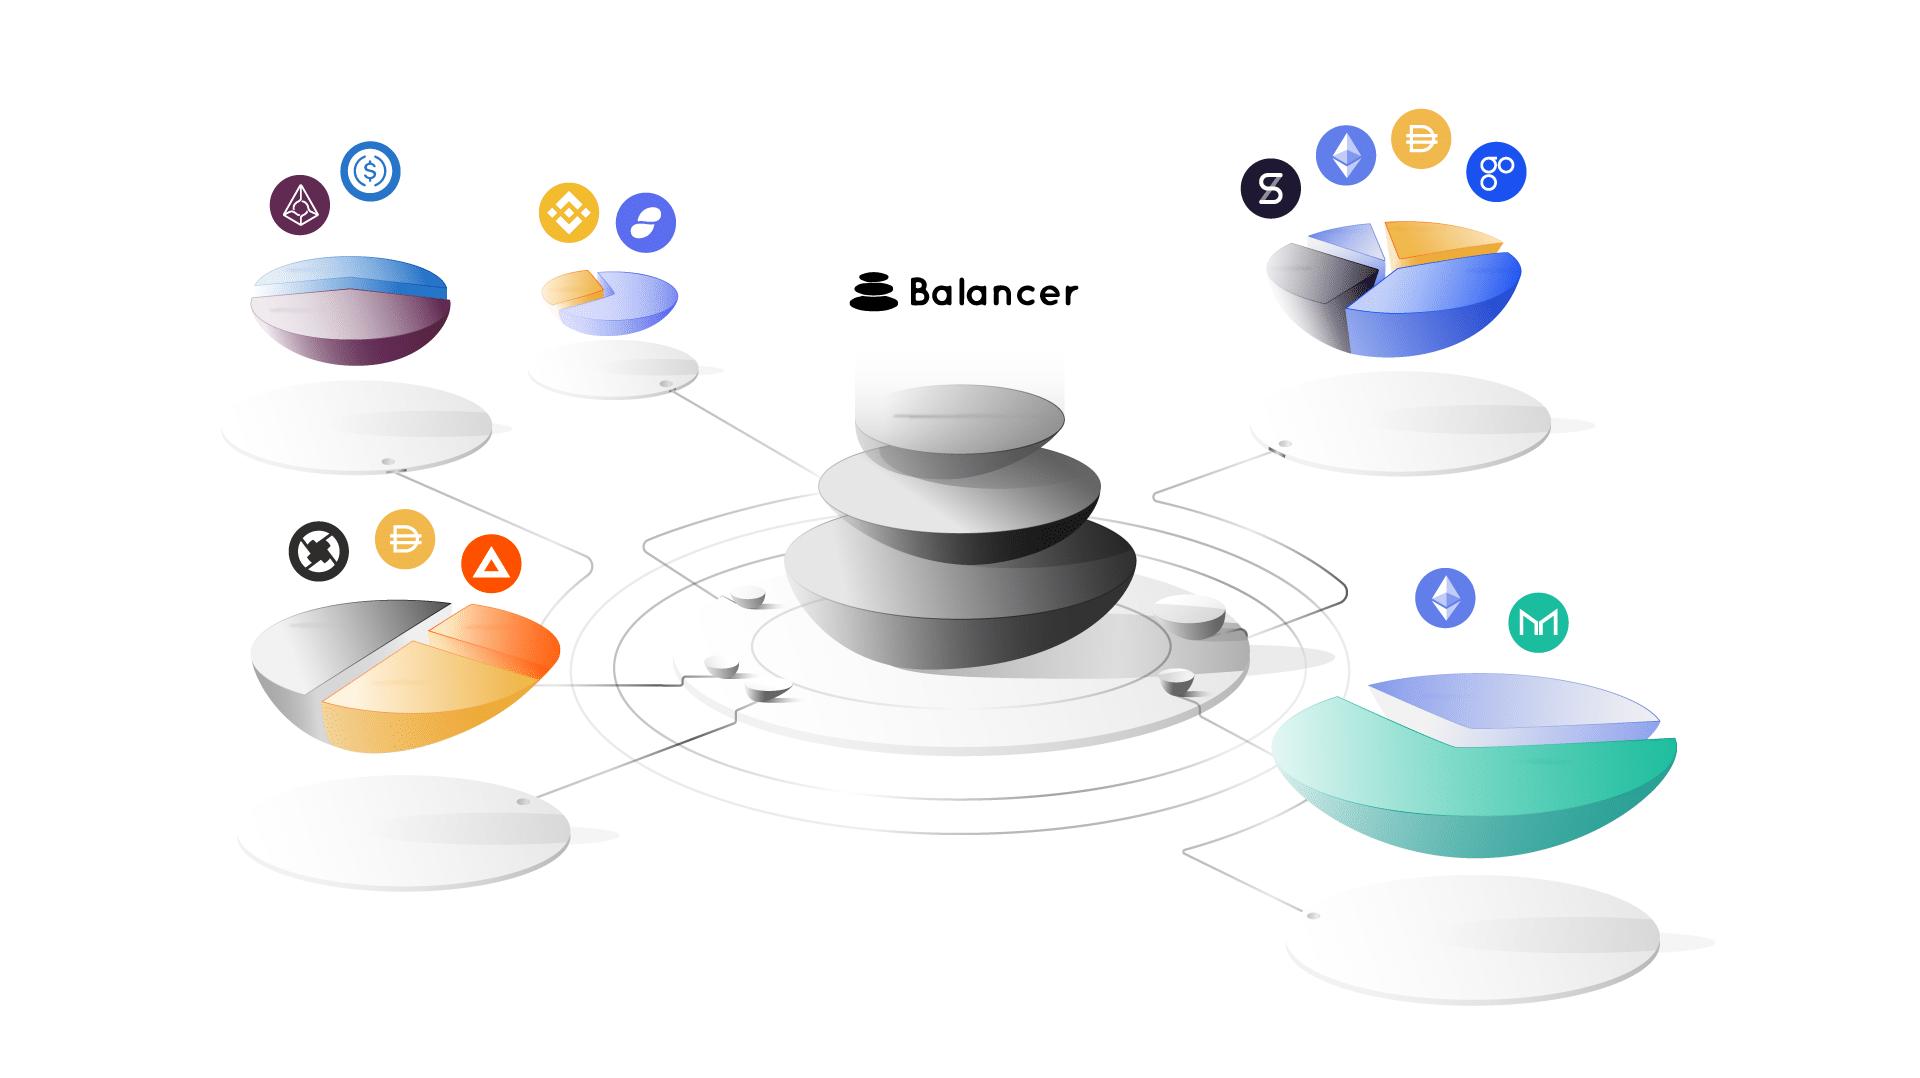 Balancer pronta a delistare Maker DAO, BAT e decine di altri token?